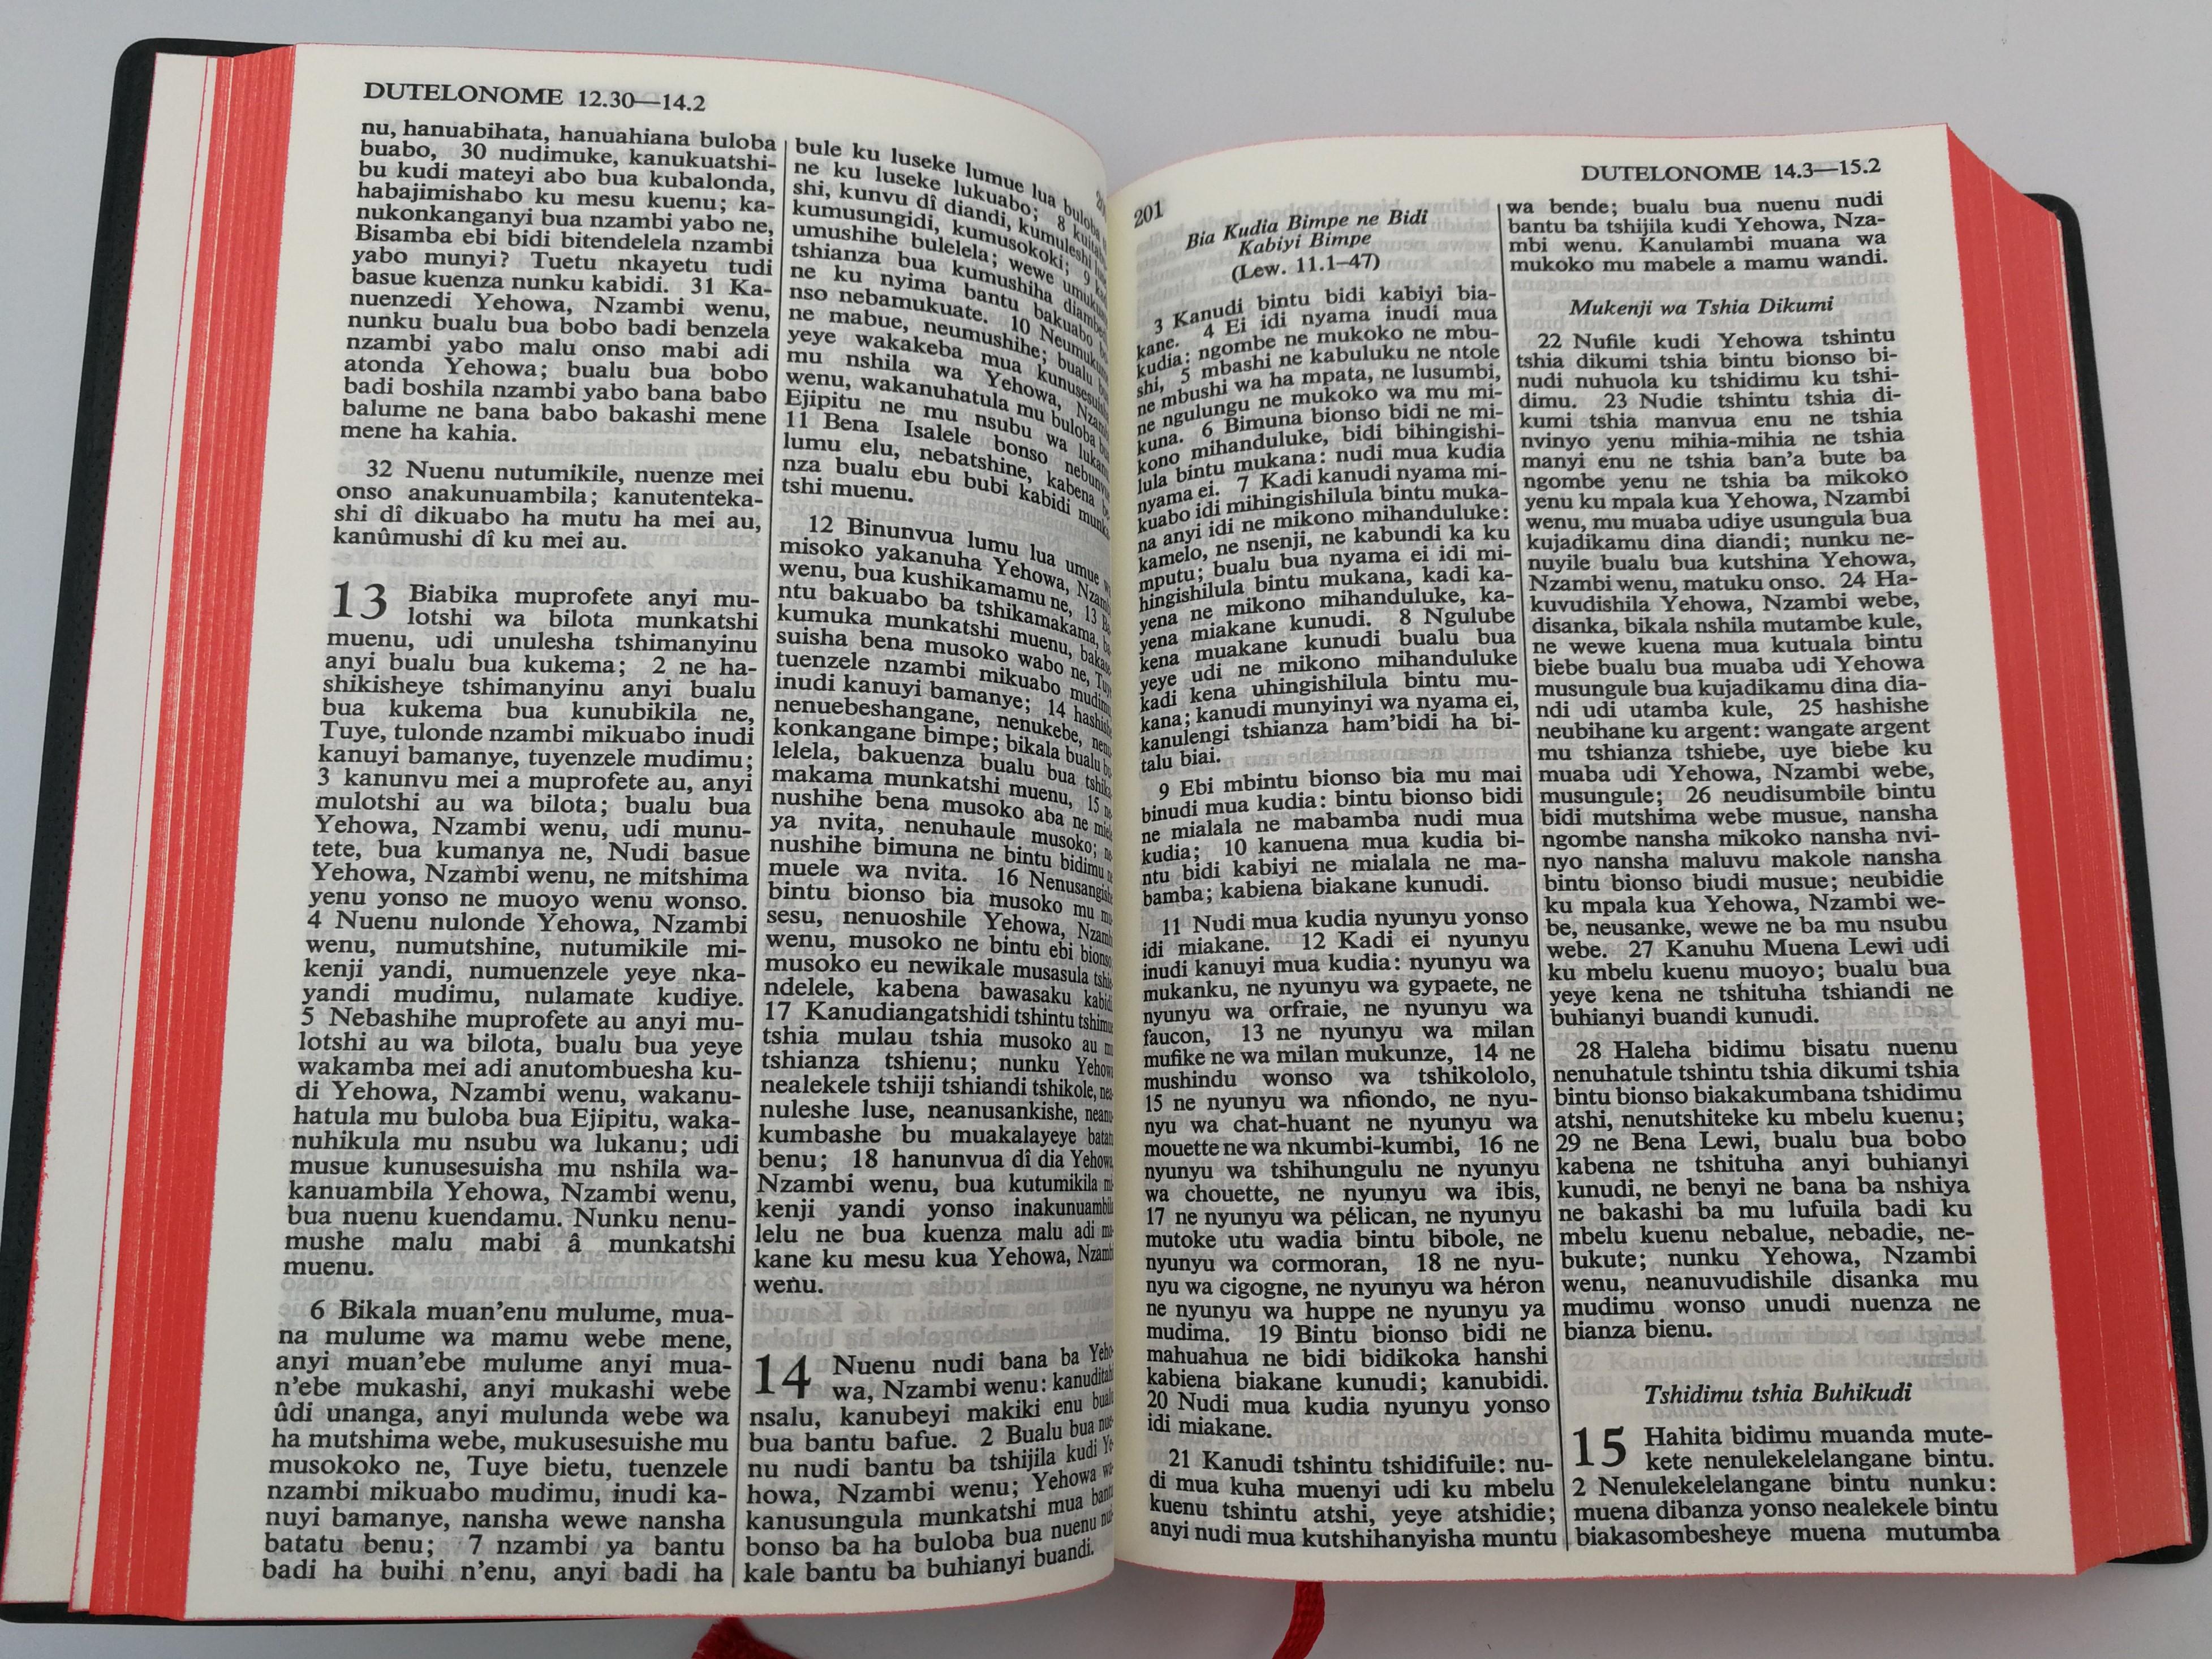 mukanda-wa-nzambi-tshiluba-language-holy-bible-8.jpg